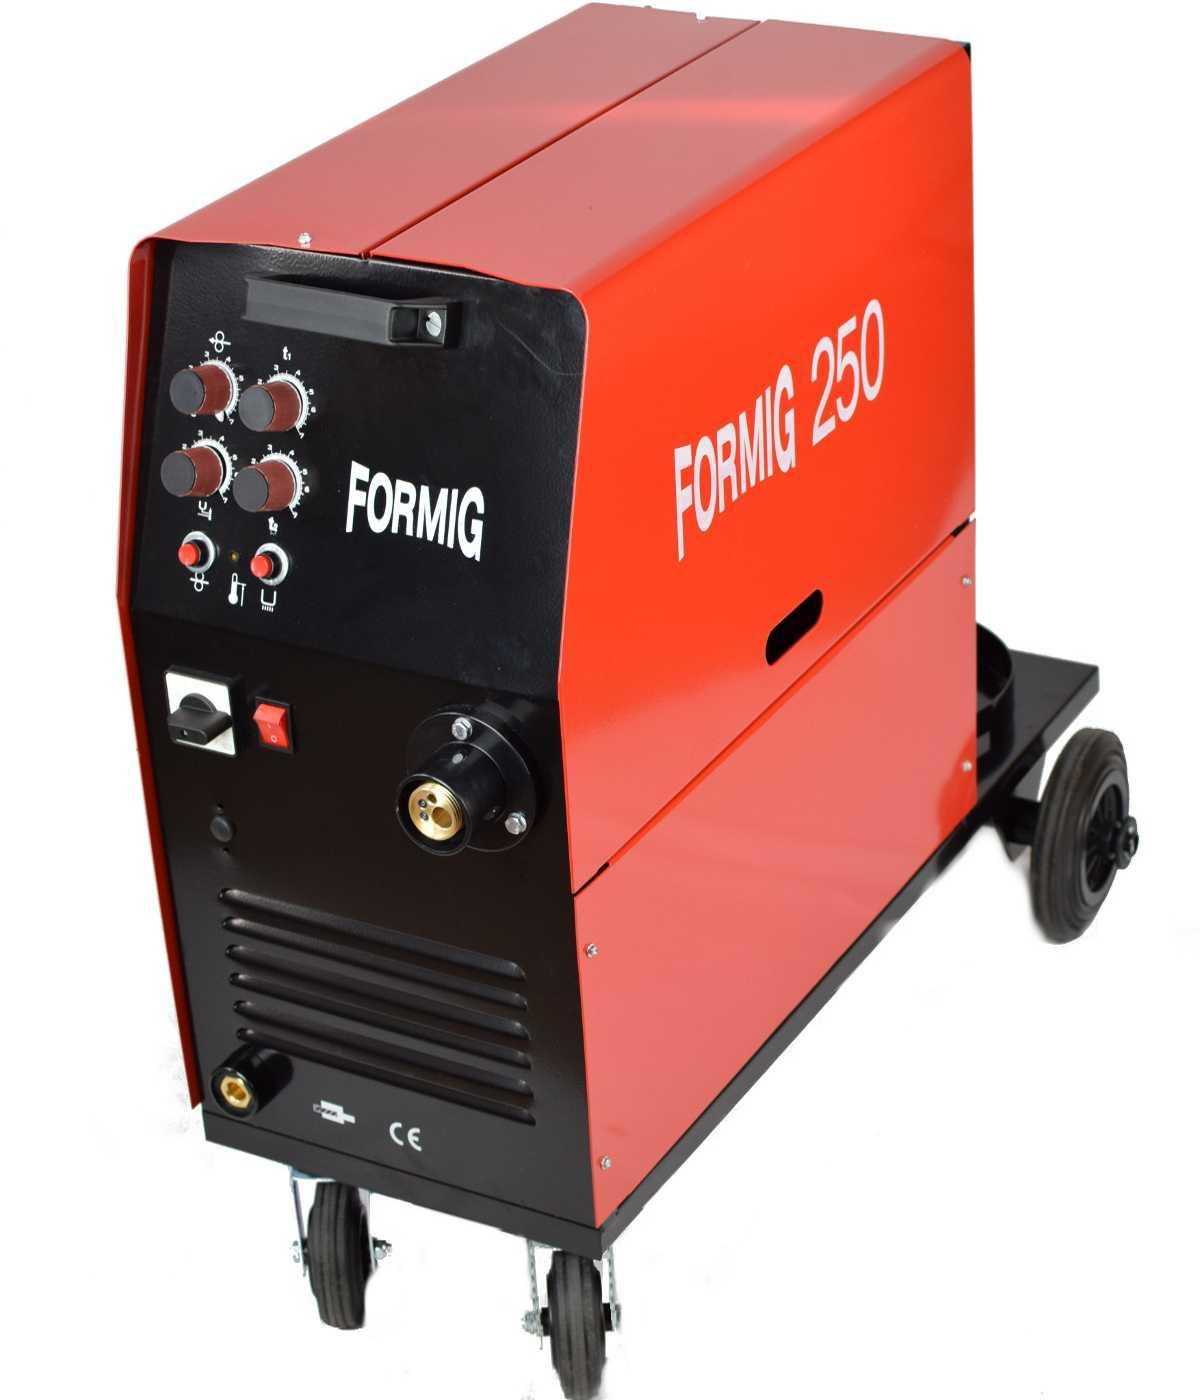 FORMIG 250 CO2 védőgázas transzformátoros hegesztőgép